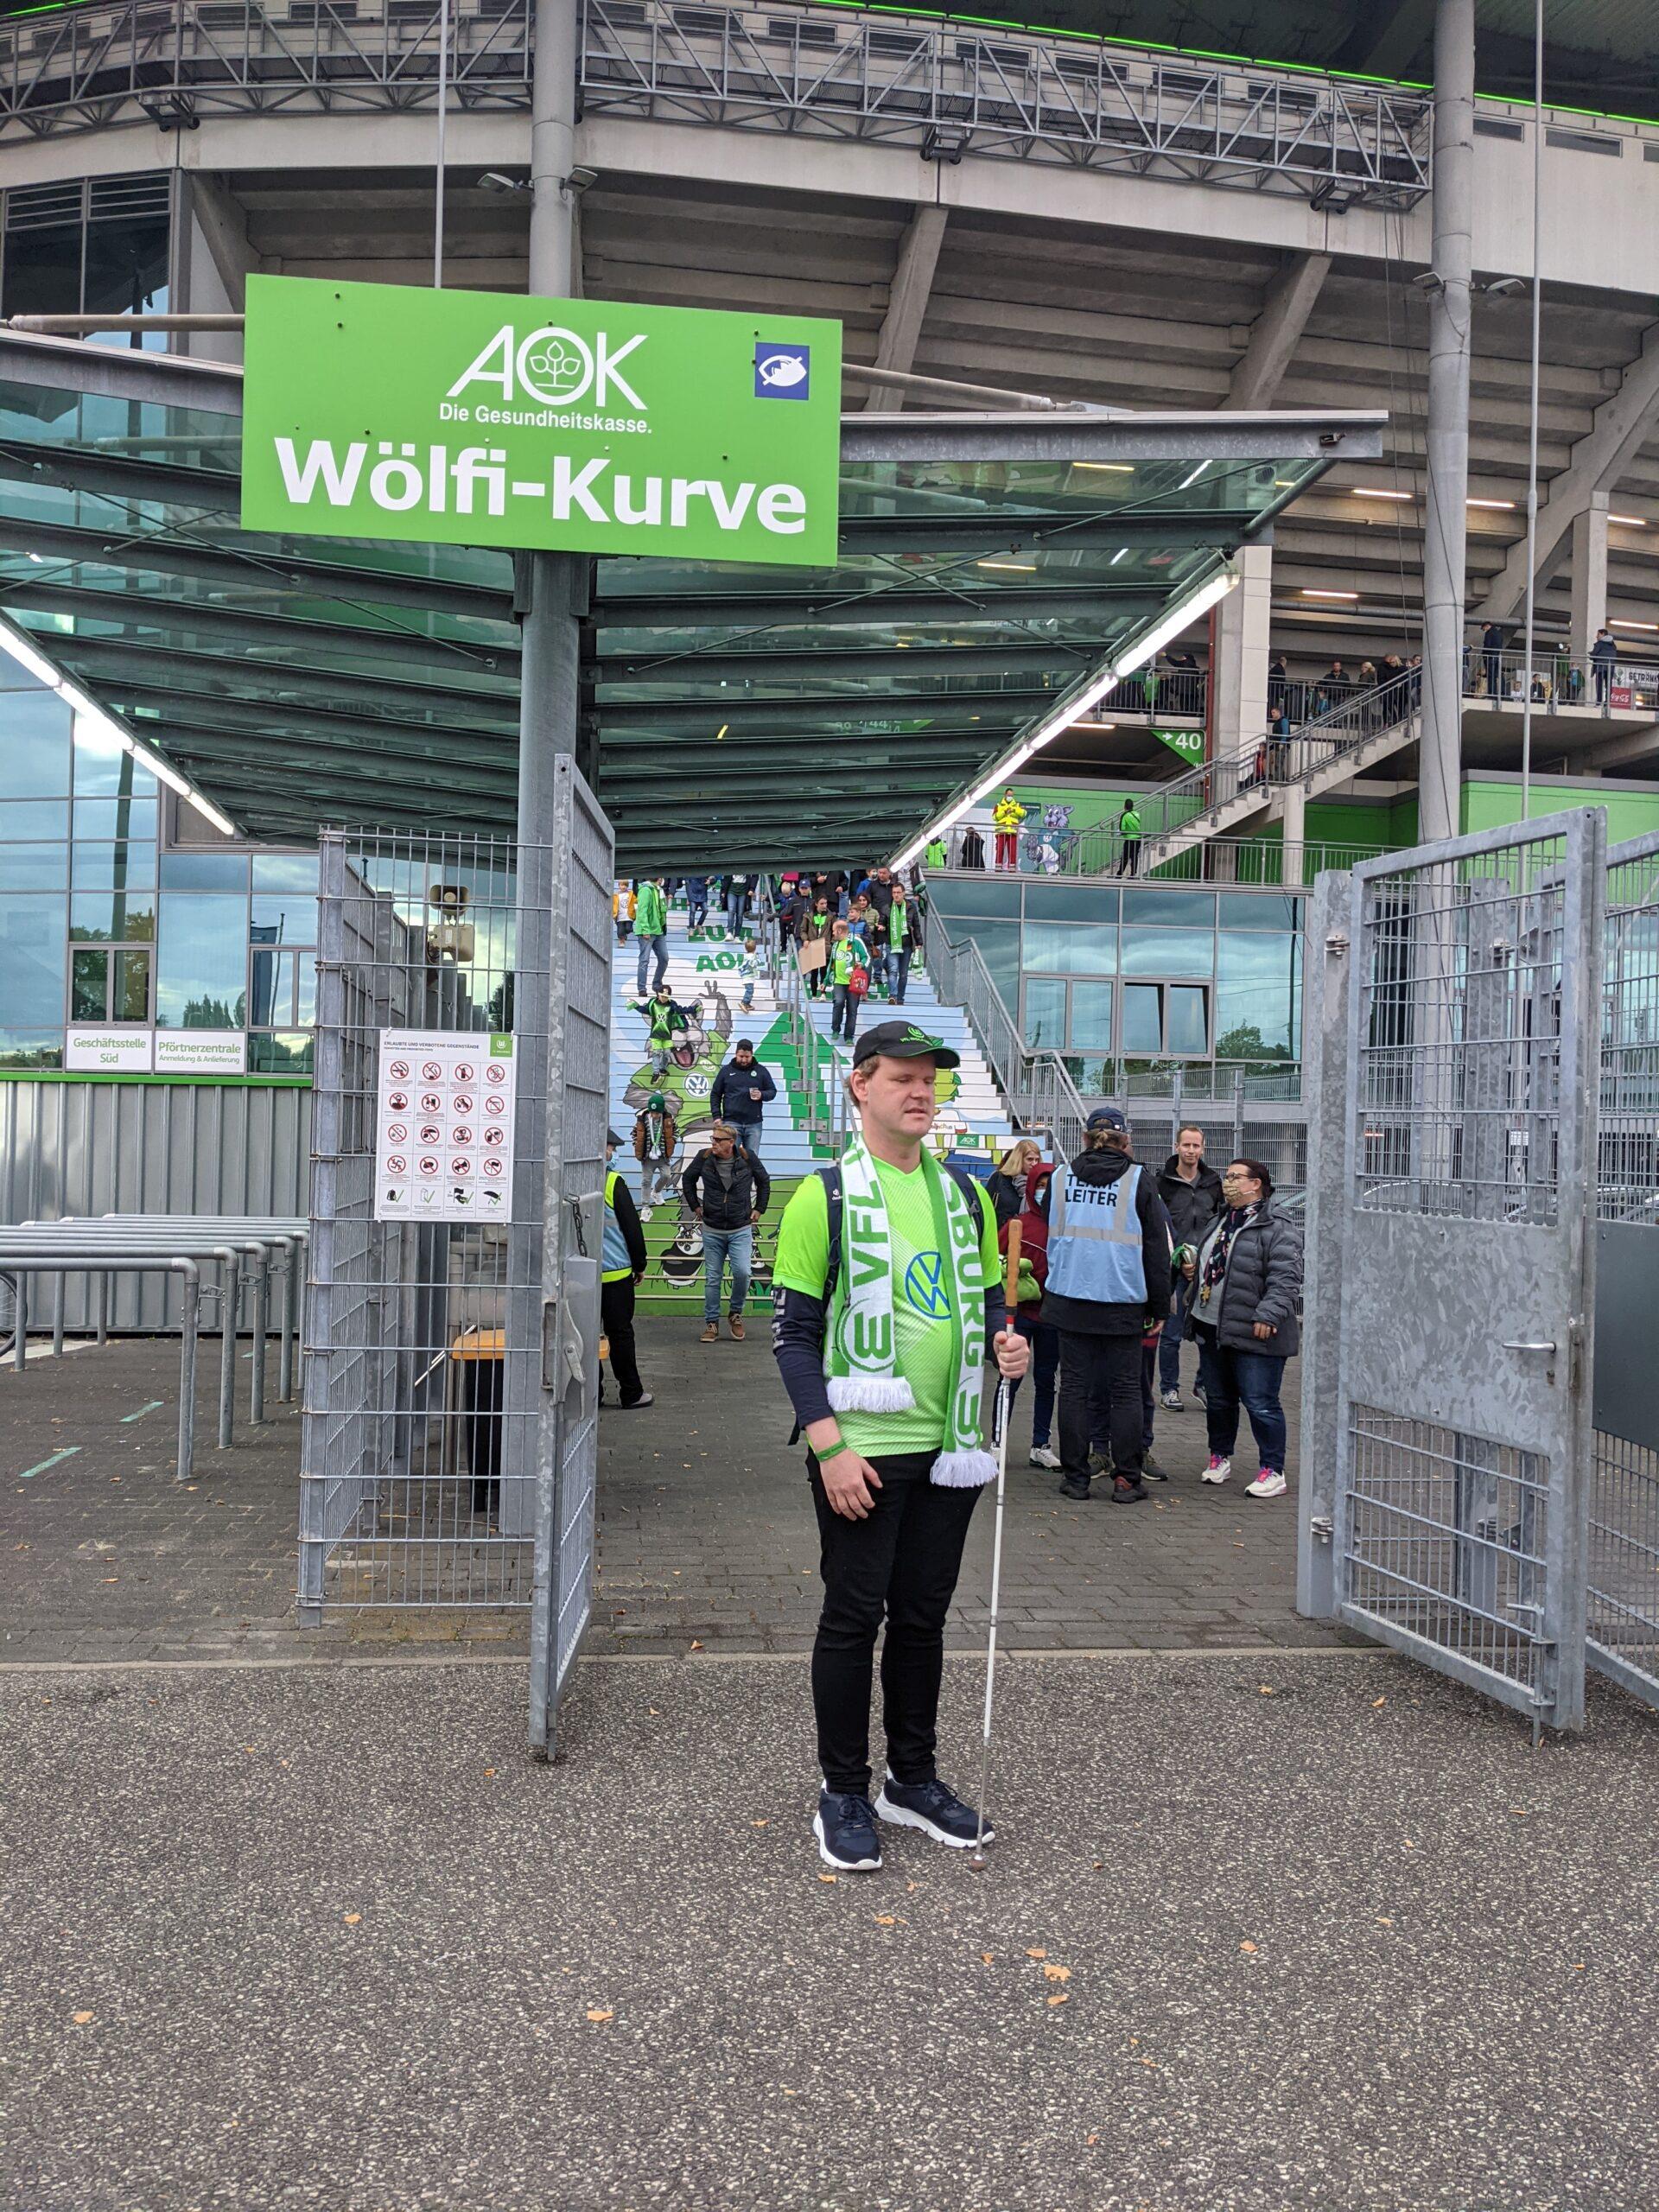 Ich stehe, bekleidet mit einem VFL-Trikot, einem Schal sowie einer Cap, vor dem Eingang der Volkswagen-Arena